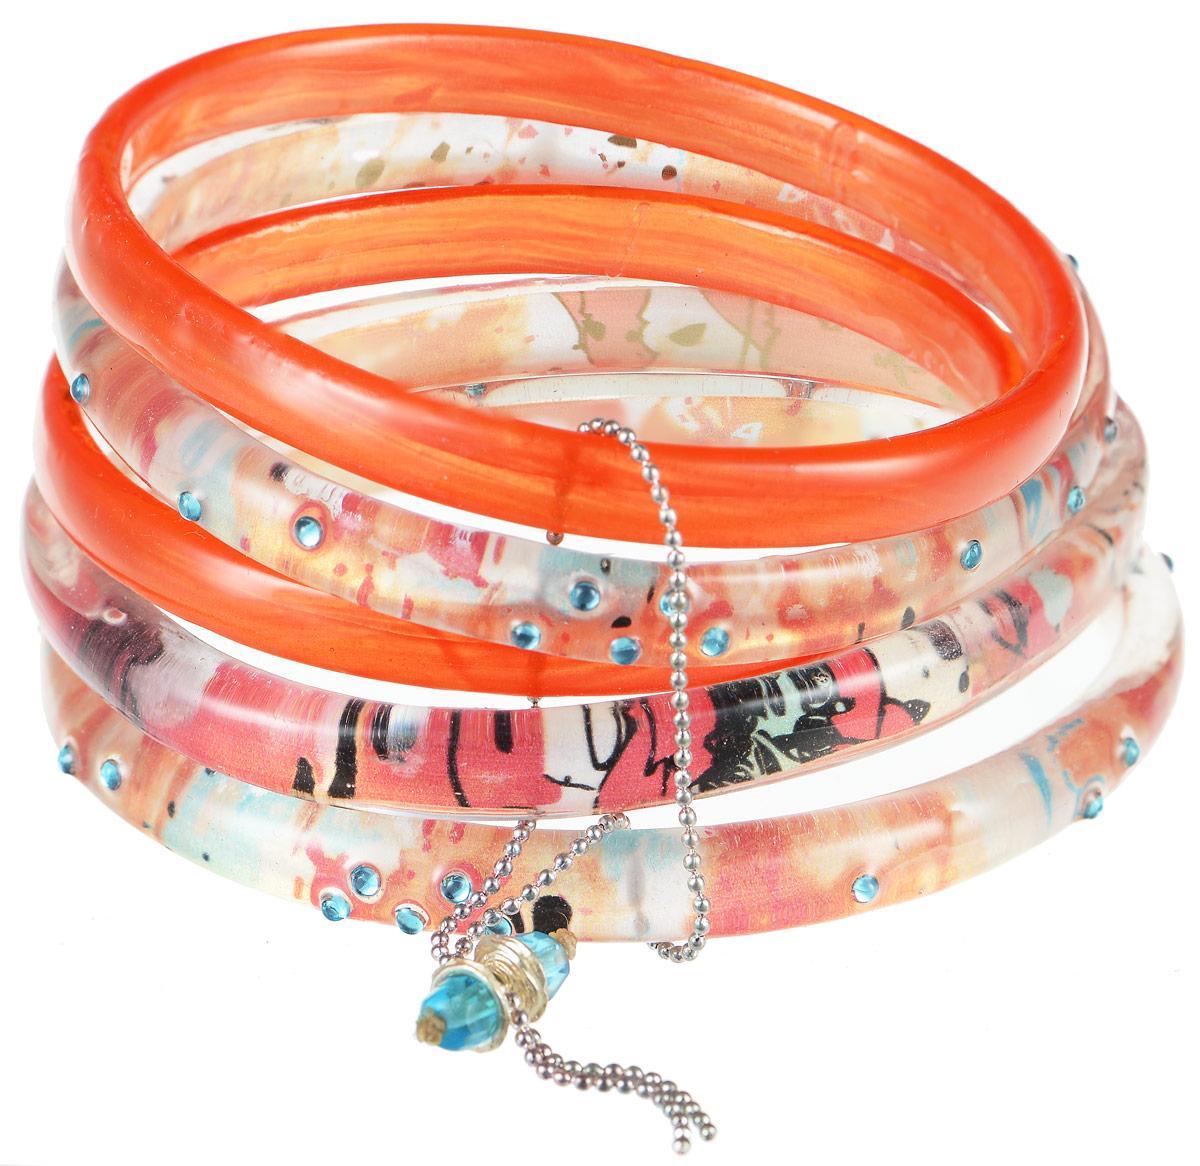 Браслет Lalo Treasures Row, цвет: оранжевый. Bn2509-1Bn2509-1Яркое комбинированное украшение Lalo Treasures Row включает пять браслетов, выполненных из ювелирной смолы. Изделия оформлены стразами и оригинальными орнаментами. Стильное украшение поможет дополнить любой образ и привнести в него завершающий яркий штрих.